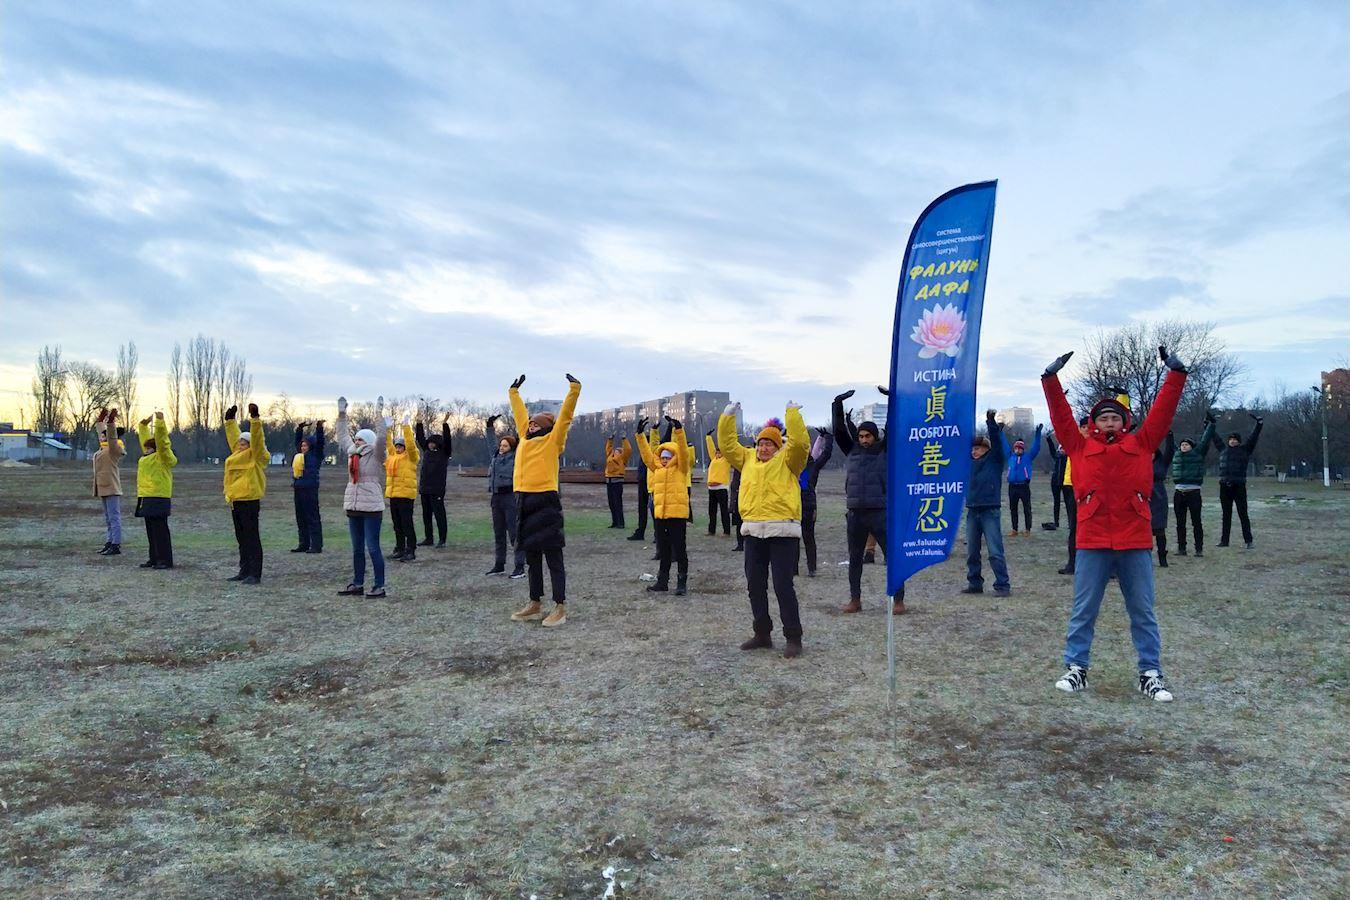 2020年1月新年假期期間,俄羅斯法輪功學員在頓河畔羅斯托夫市(Rostov-on-Don),集體煉功。(明慧網)